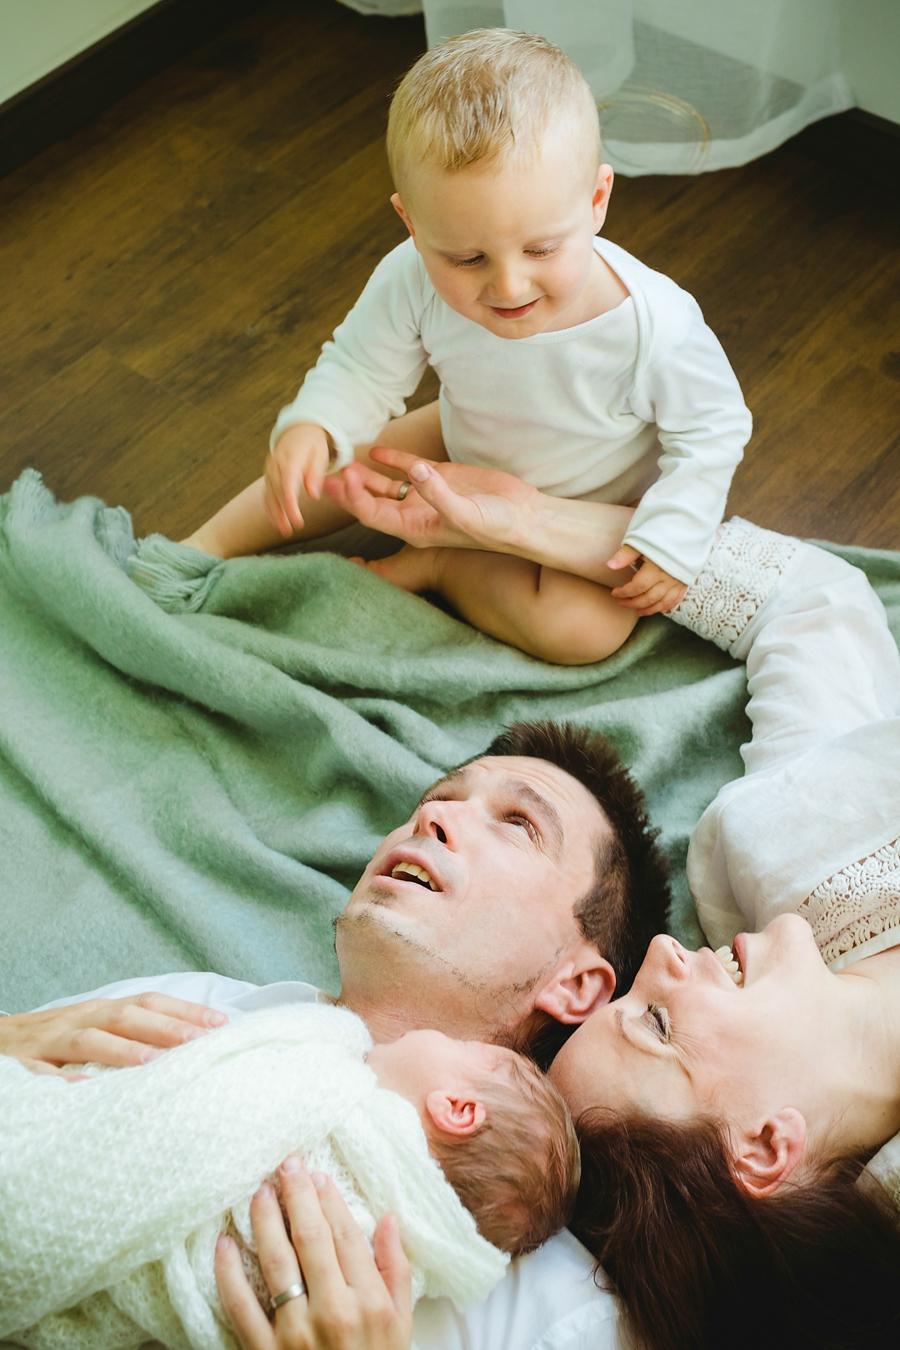 fotografin-newbornshooting-neugeborenes-babyshooting-babyfotos-schwangerschaftsshooting-aachen-herzogenrath-uebach-palenberg-geilenkirchen-koeln-duesseldorf-heinsberg-nrw-blog_028